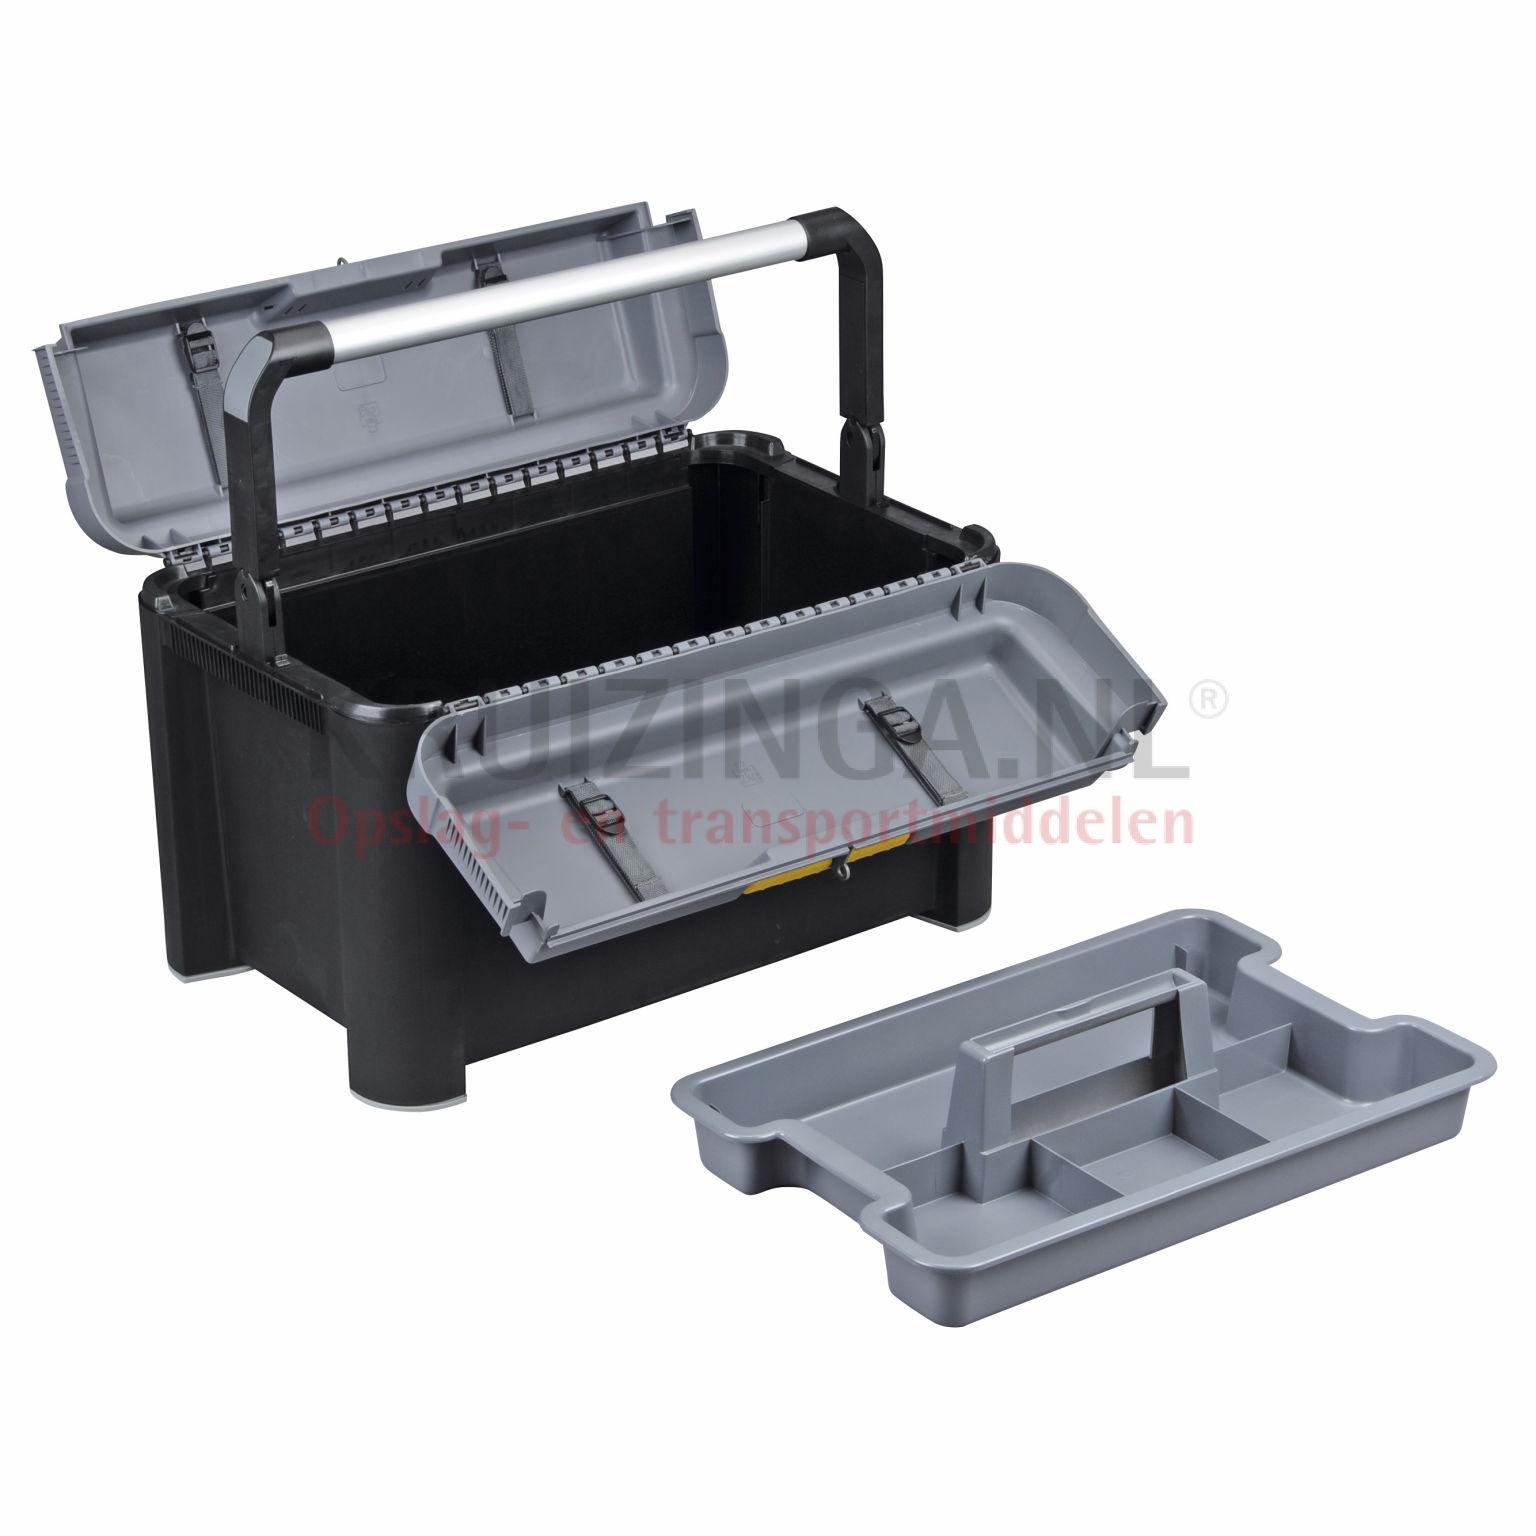 transportkoffer werkzeug box mit handgriff ab 51 50 frei haus. Black Bedroom Furniture Sets. Home Design Ideas